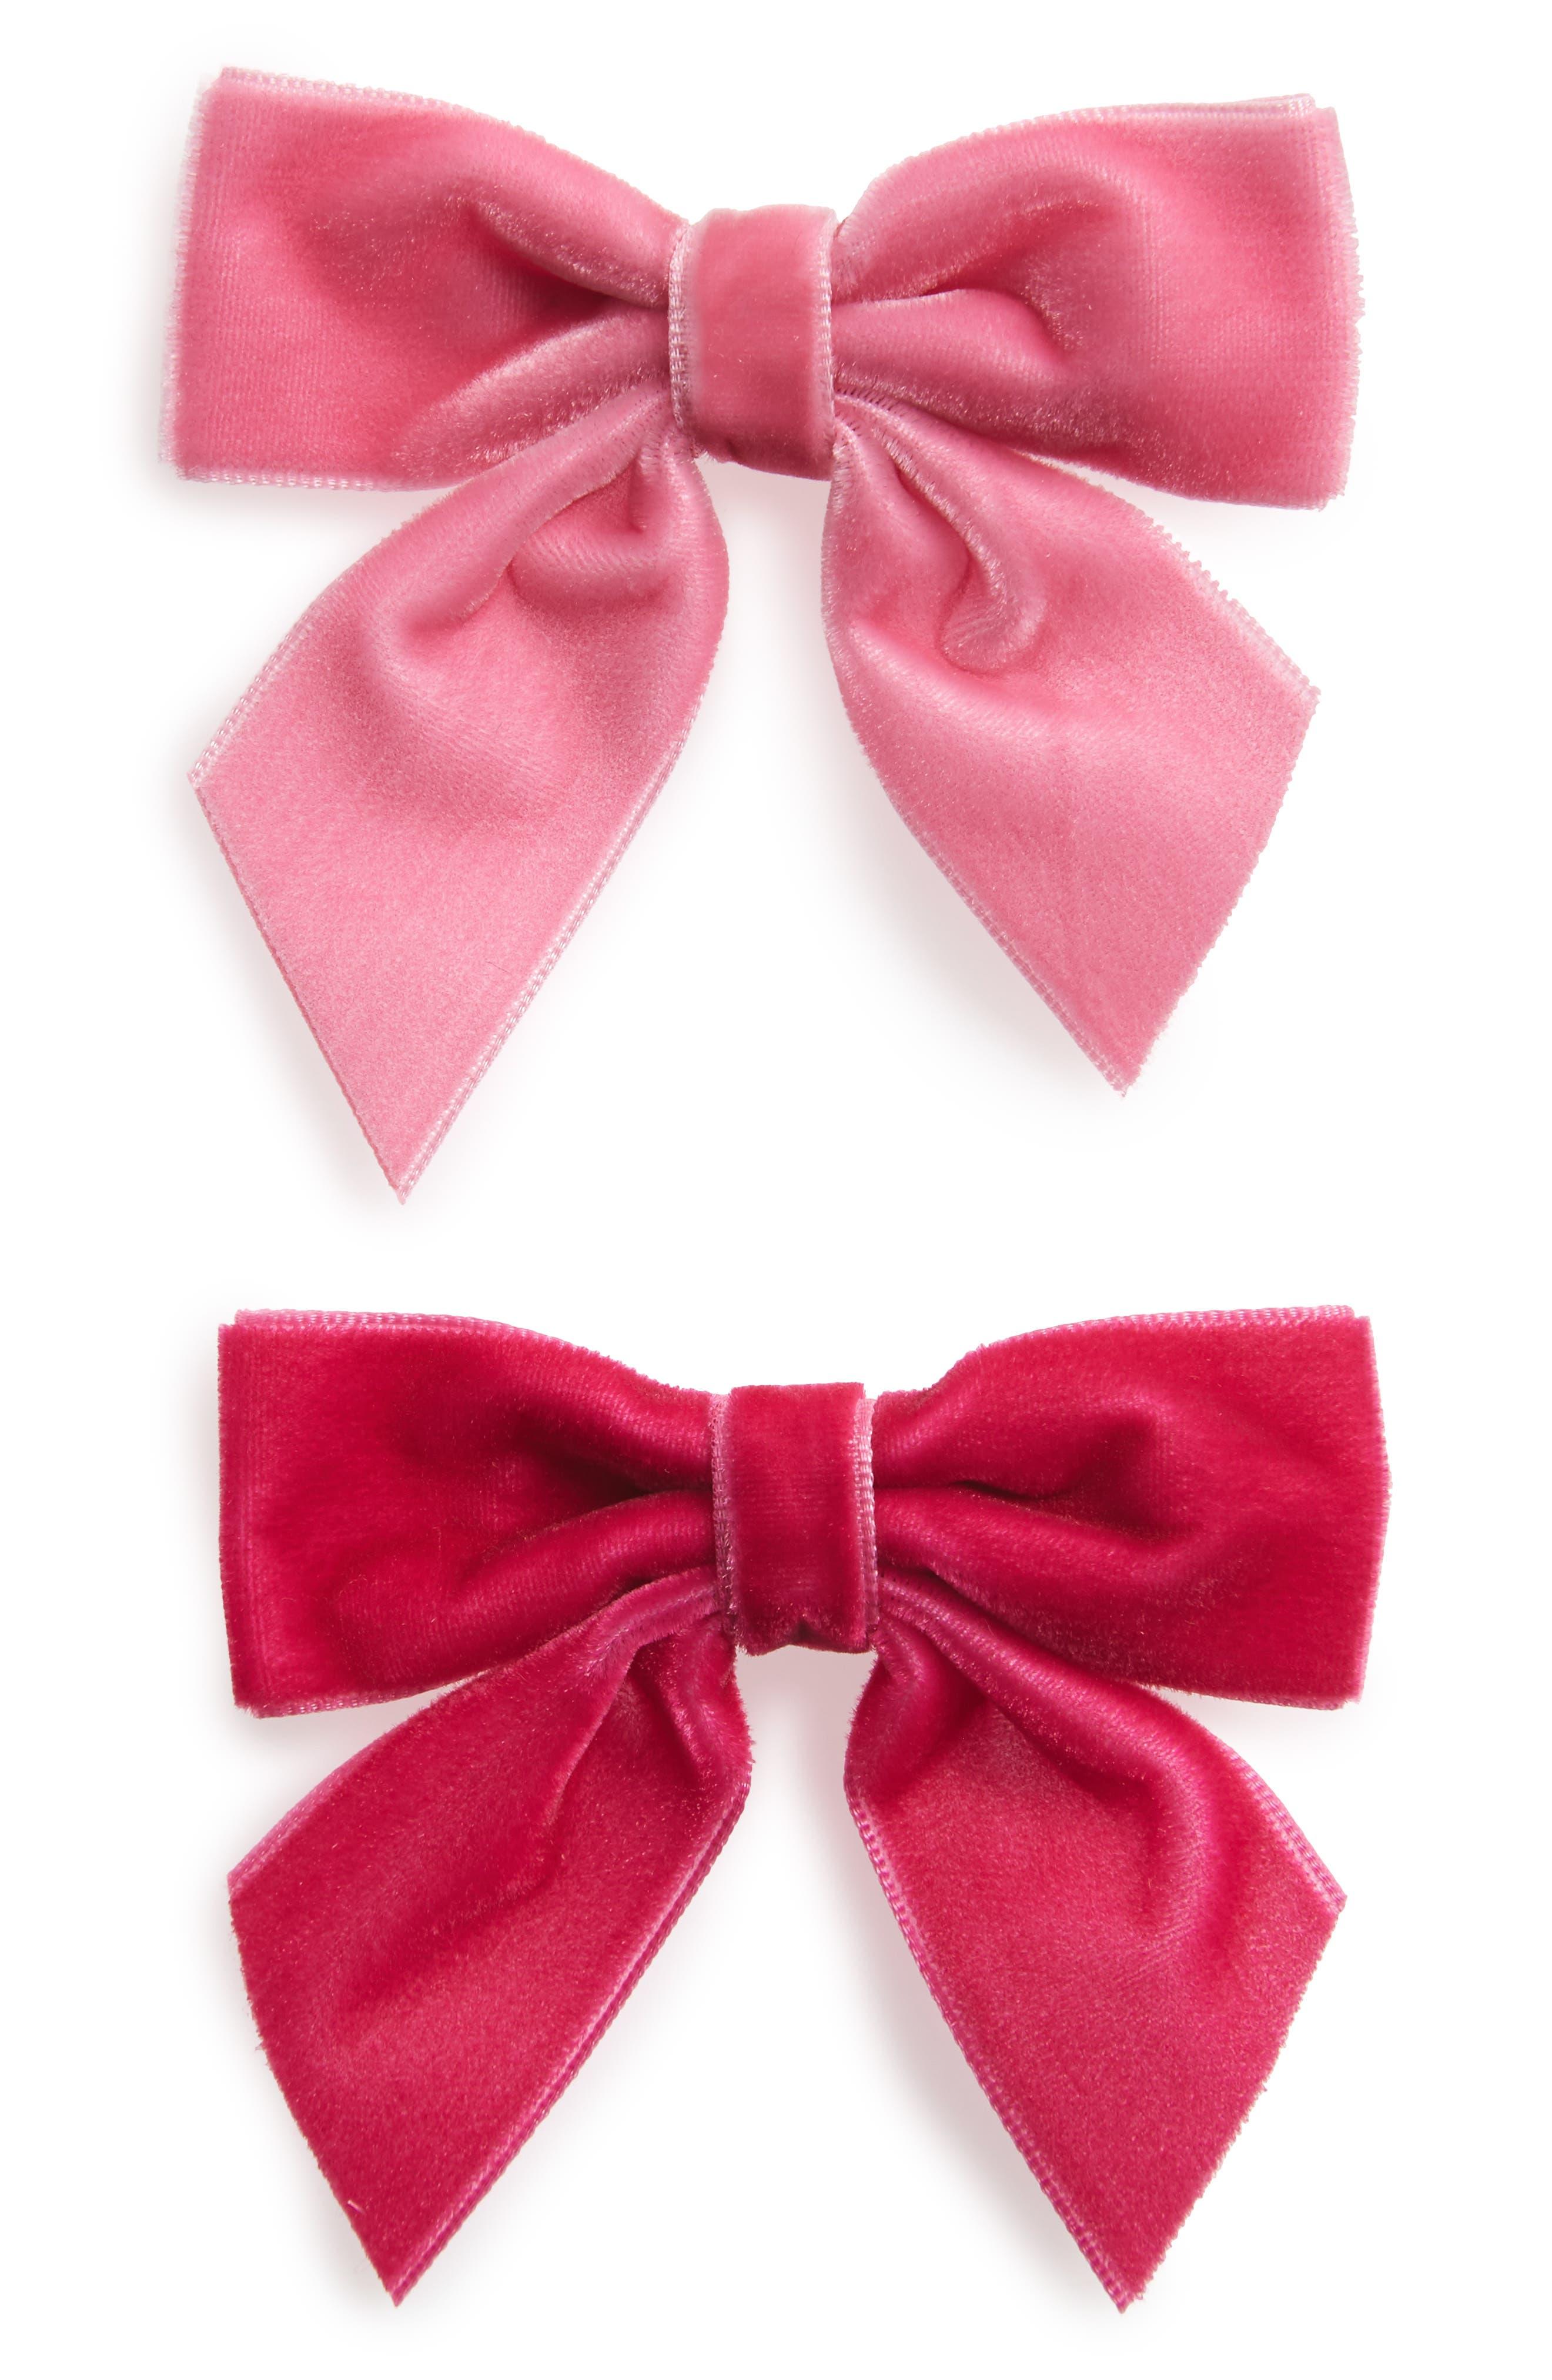 2-Piece Velvet Bow Hair Clip Set,                         Main,                         color, Pink